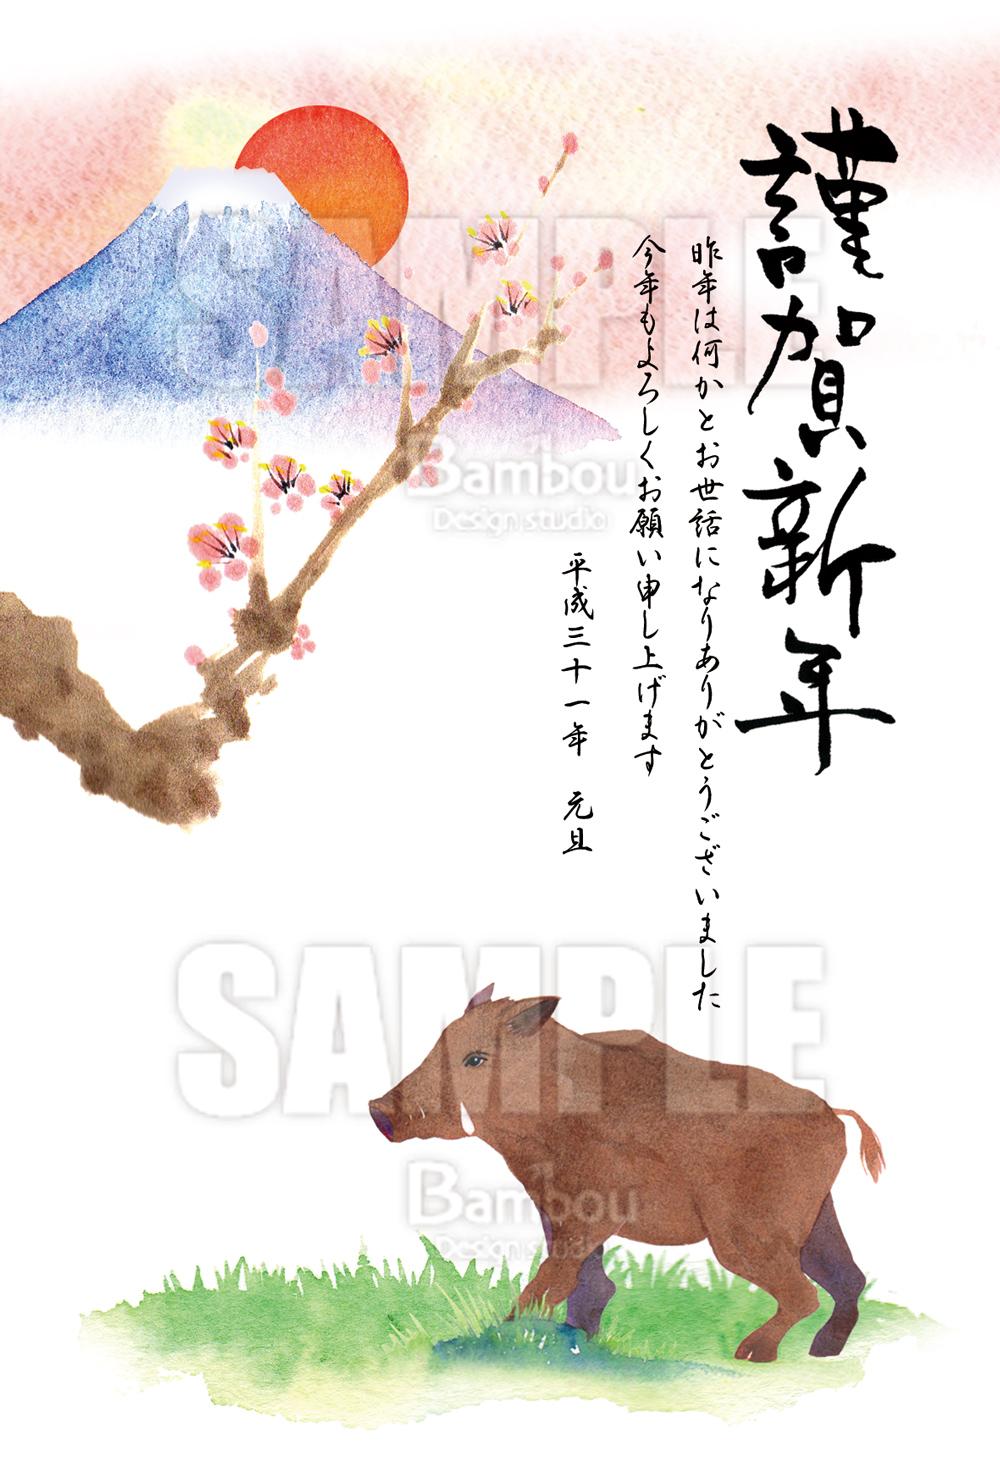 竹本明子_41 | Akiko Takemoto Illustration